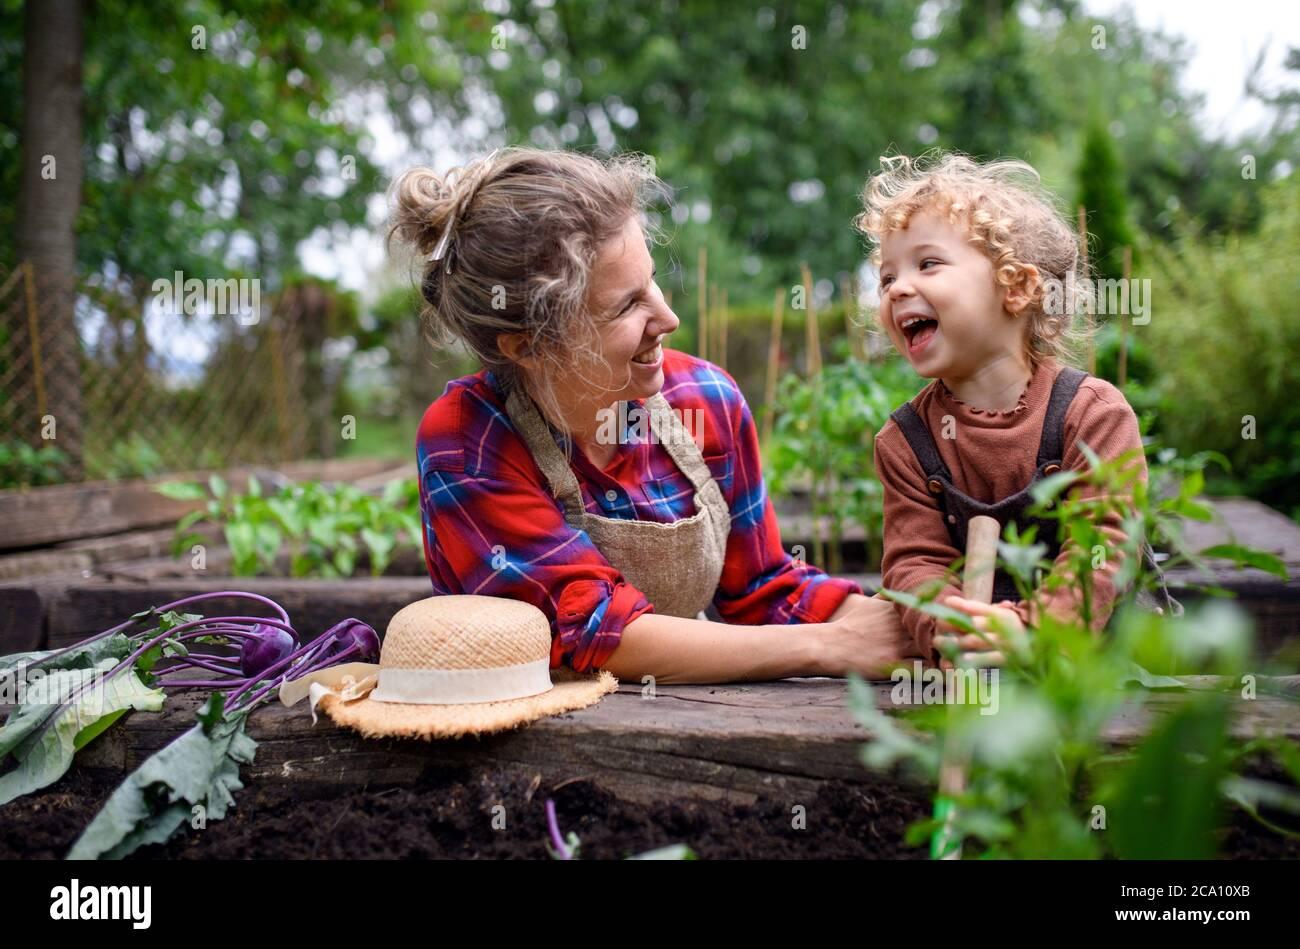 Madre con hija pequeña que cultiva un huerto en la granja, cultivando verduras orgánicas. Foto de stock